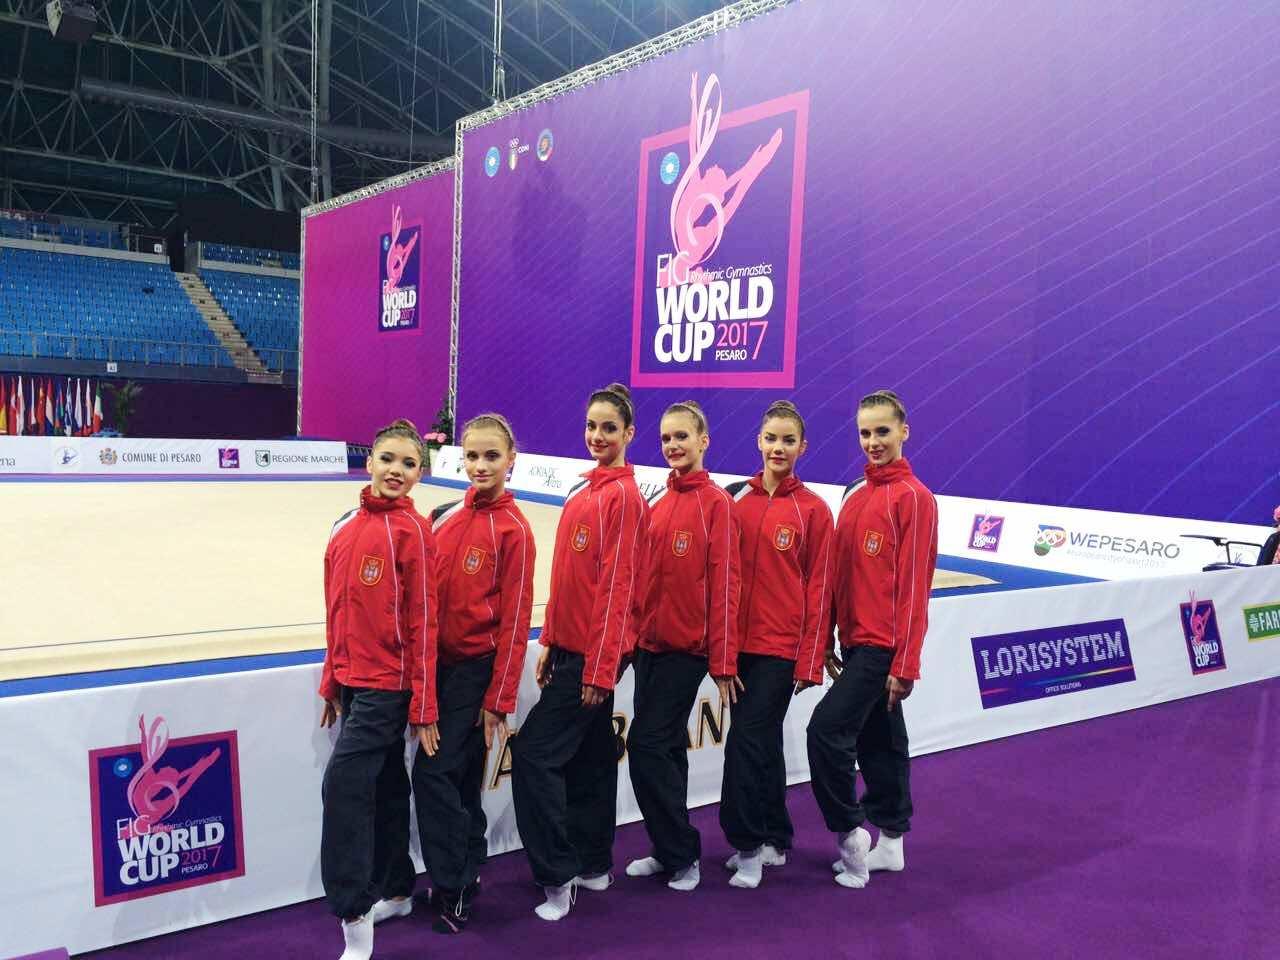 Međunarodni FIG turnir u Ritmičkoj gimnastici – Pesaro 2017